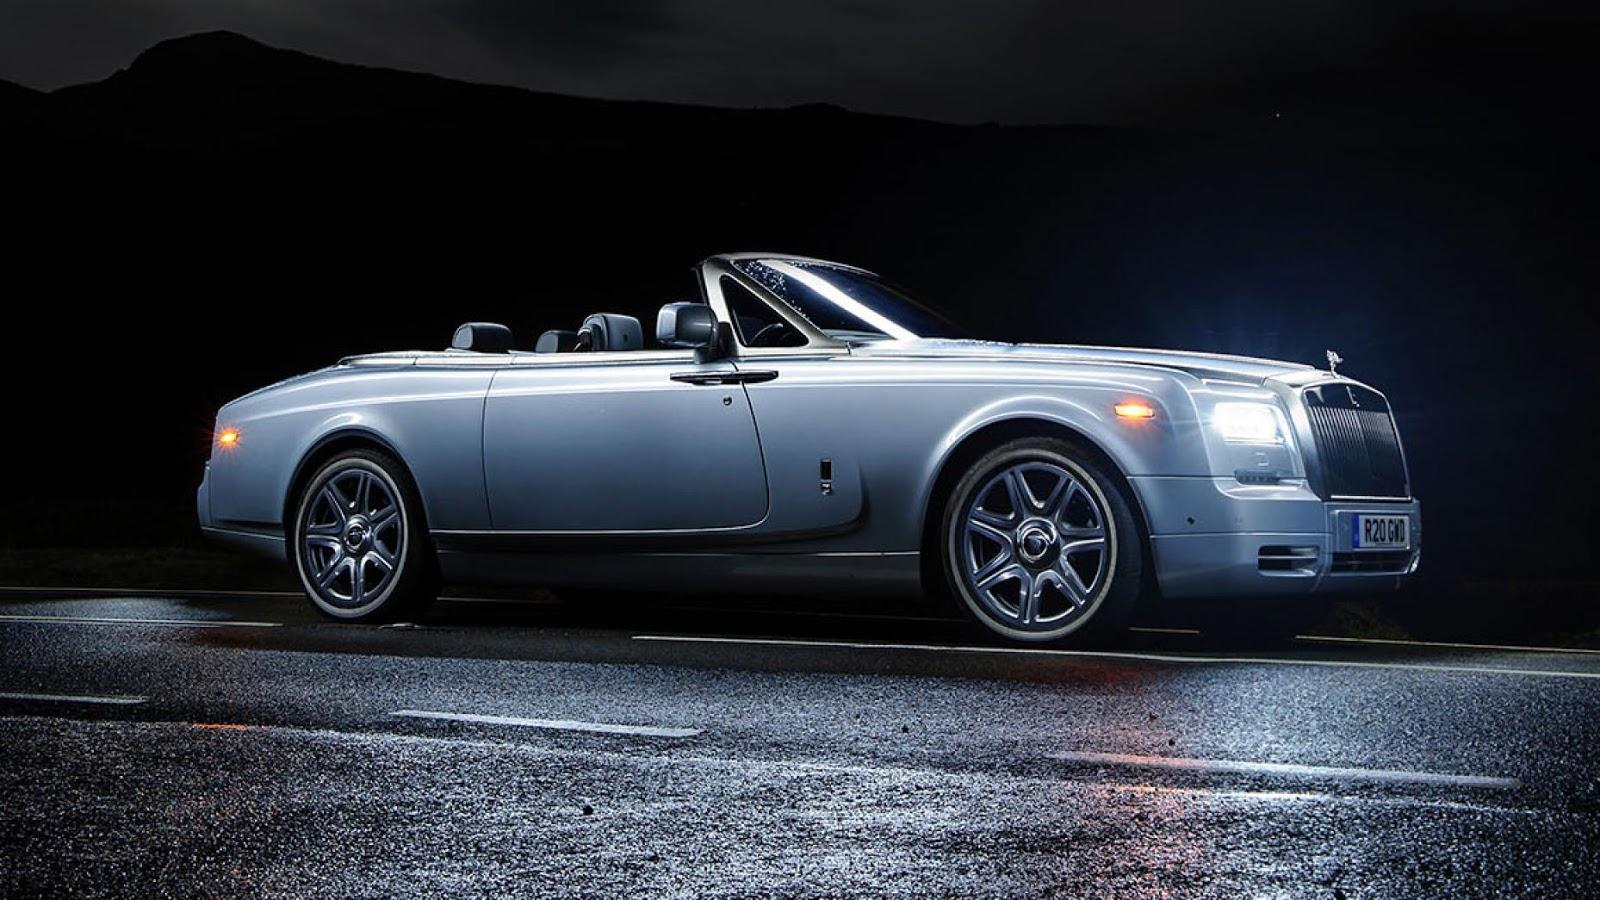 Rolls-Royce Phantom 7 sẽ chấm dứt sau 13 năm tồn tại từ năm 2003